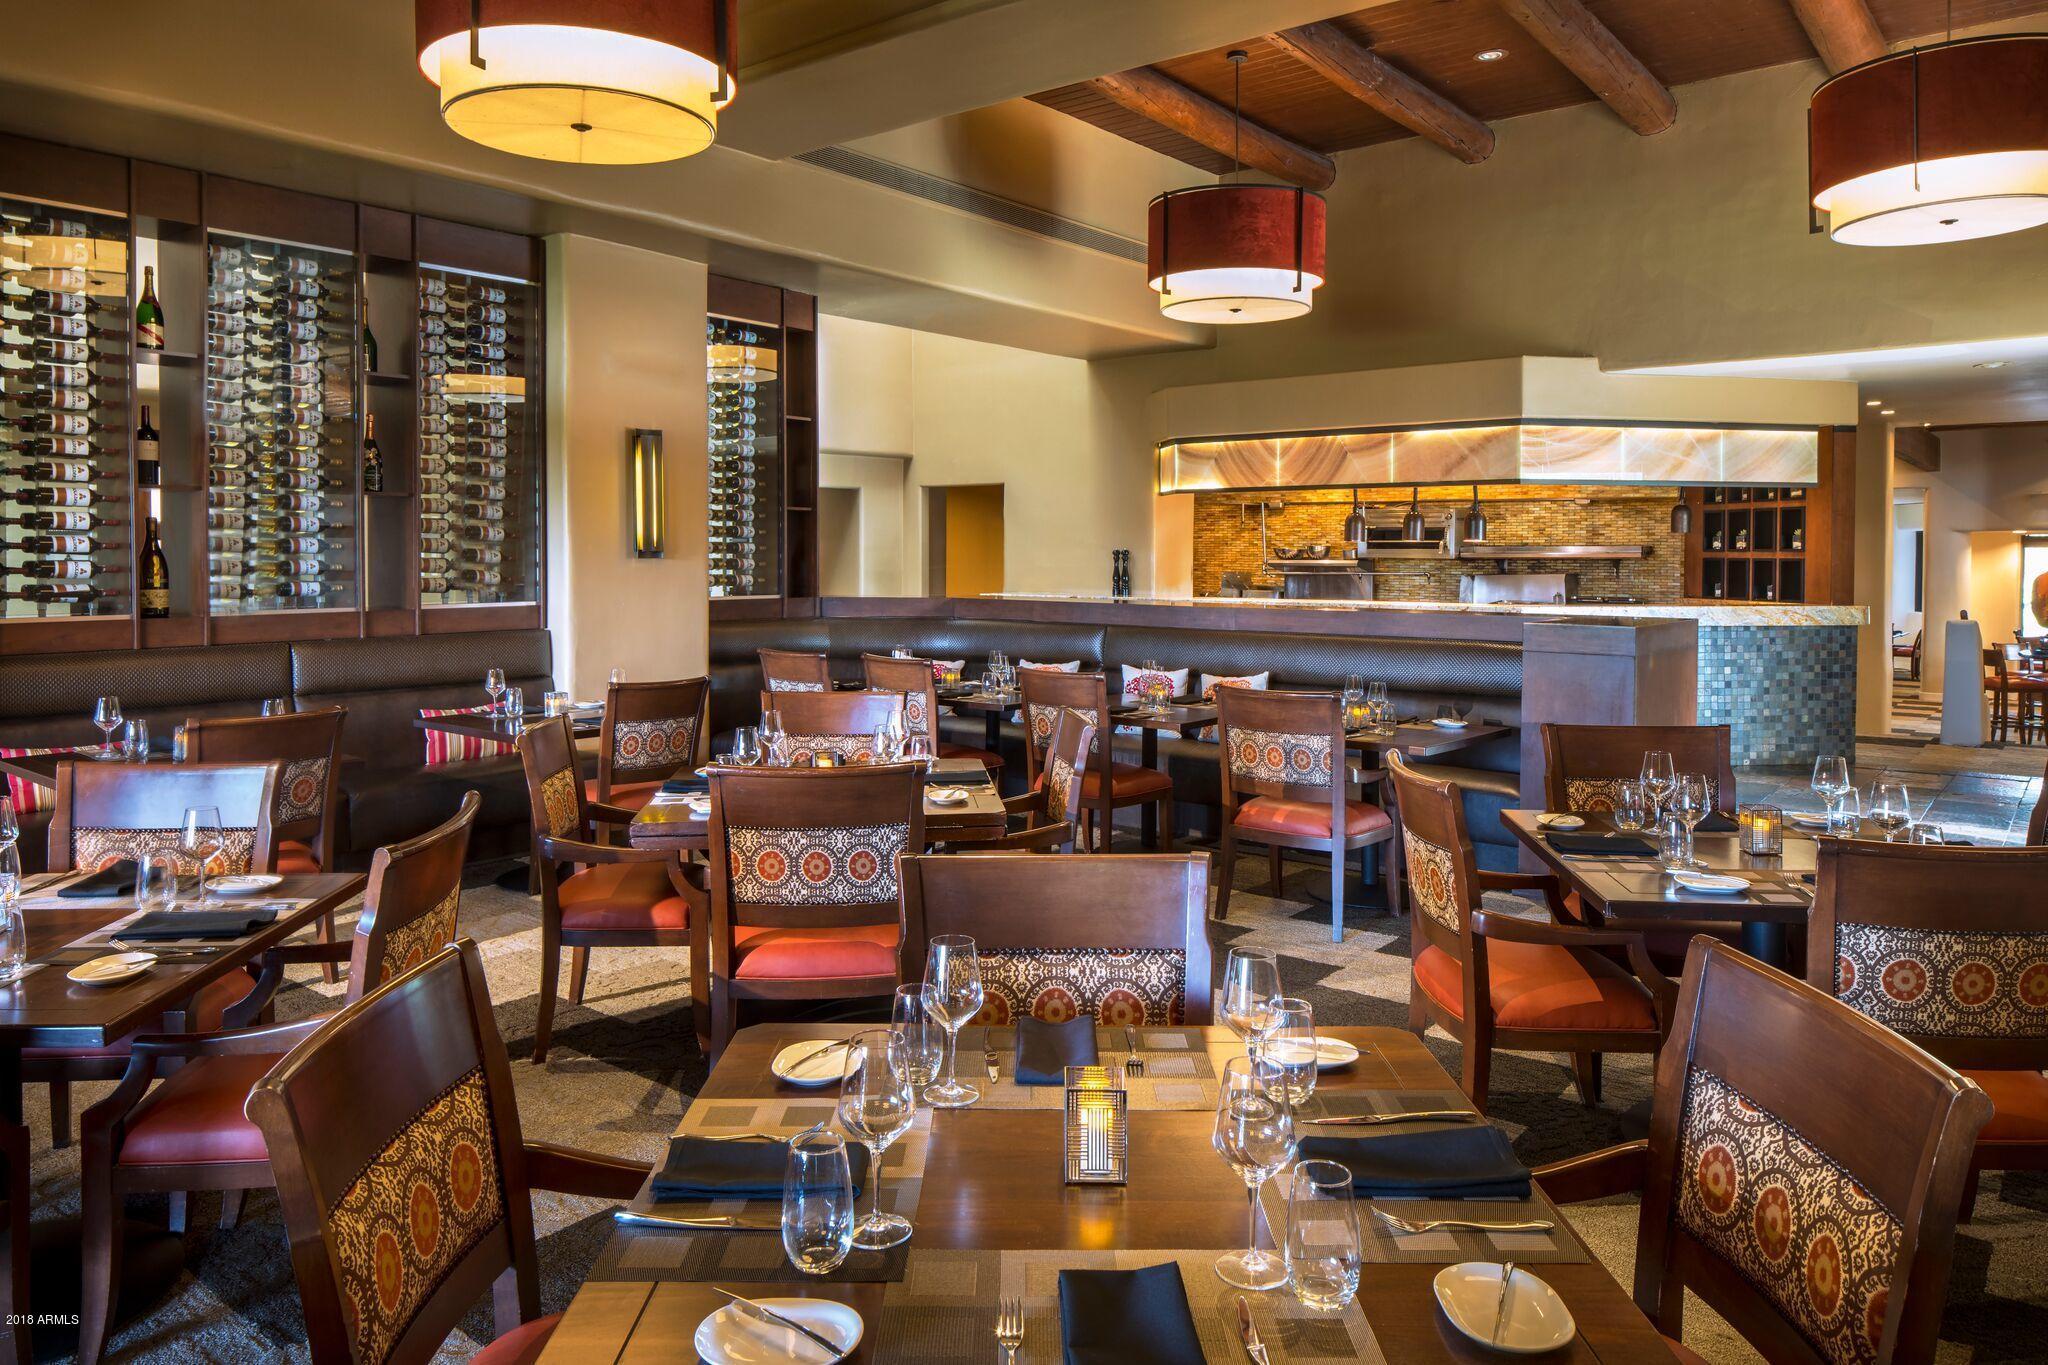 MLS 5742910 34767 N 79TH Way, Scottsdale, AZ 85266 Scottsdale AZ The Boulders